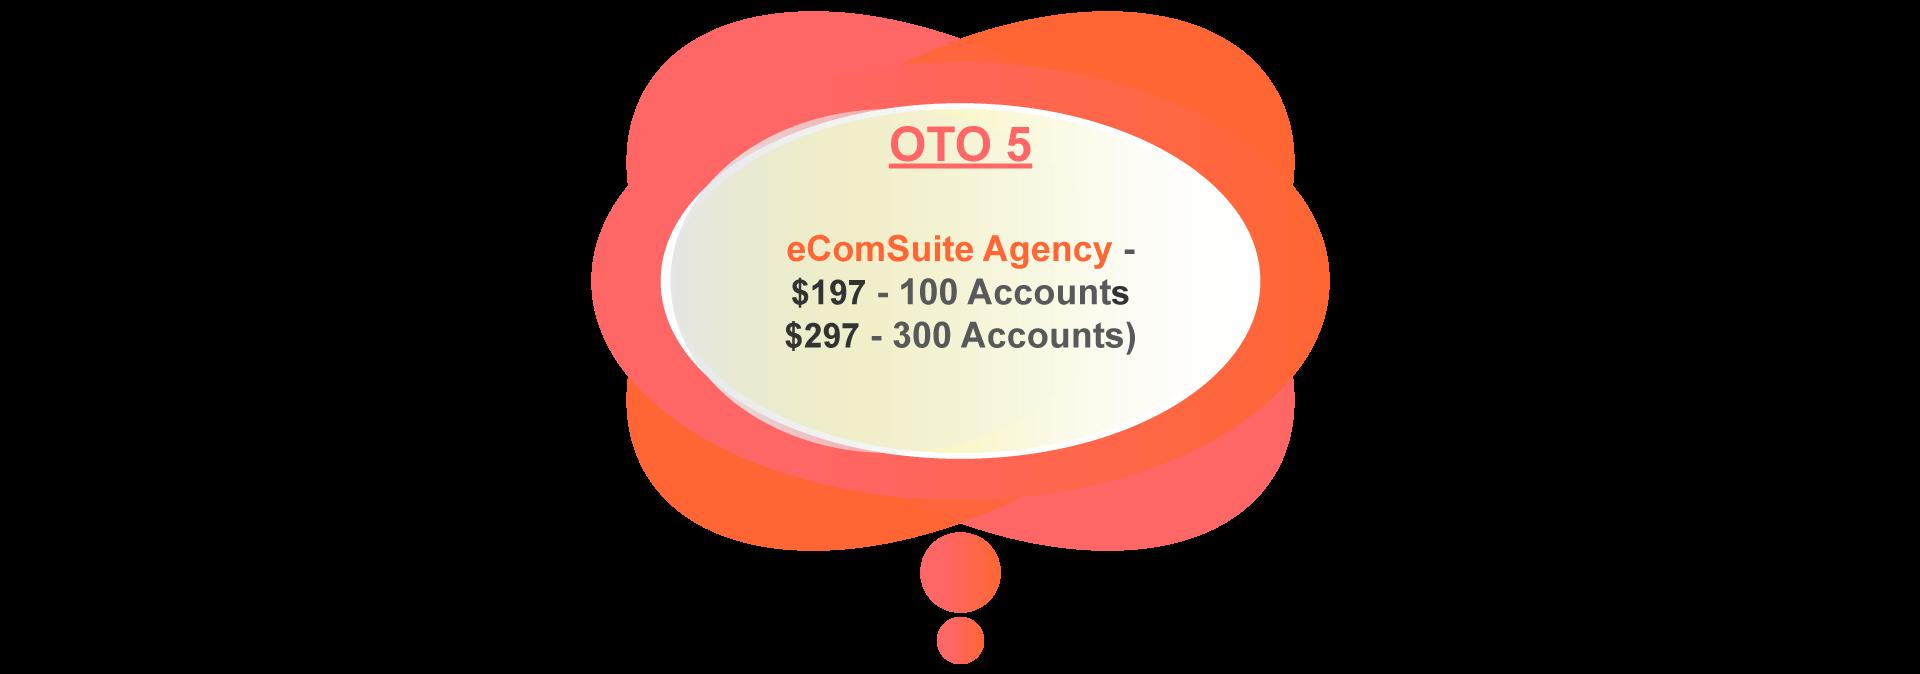 EcomSuite-Oto5